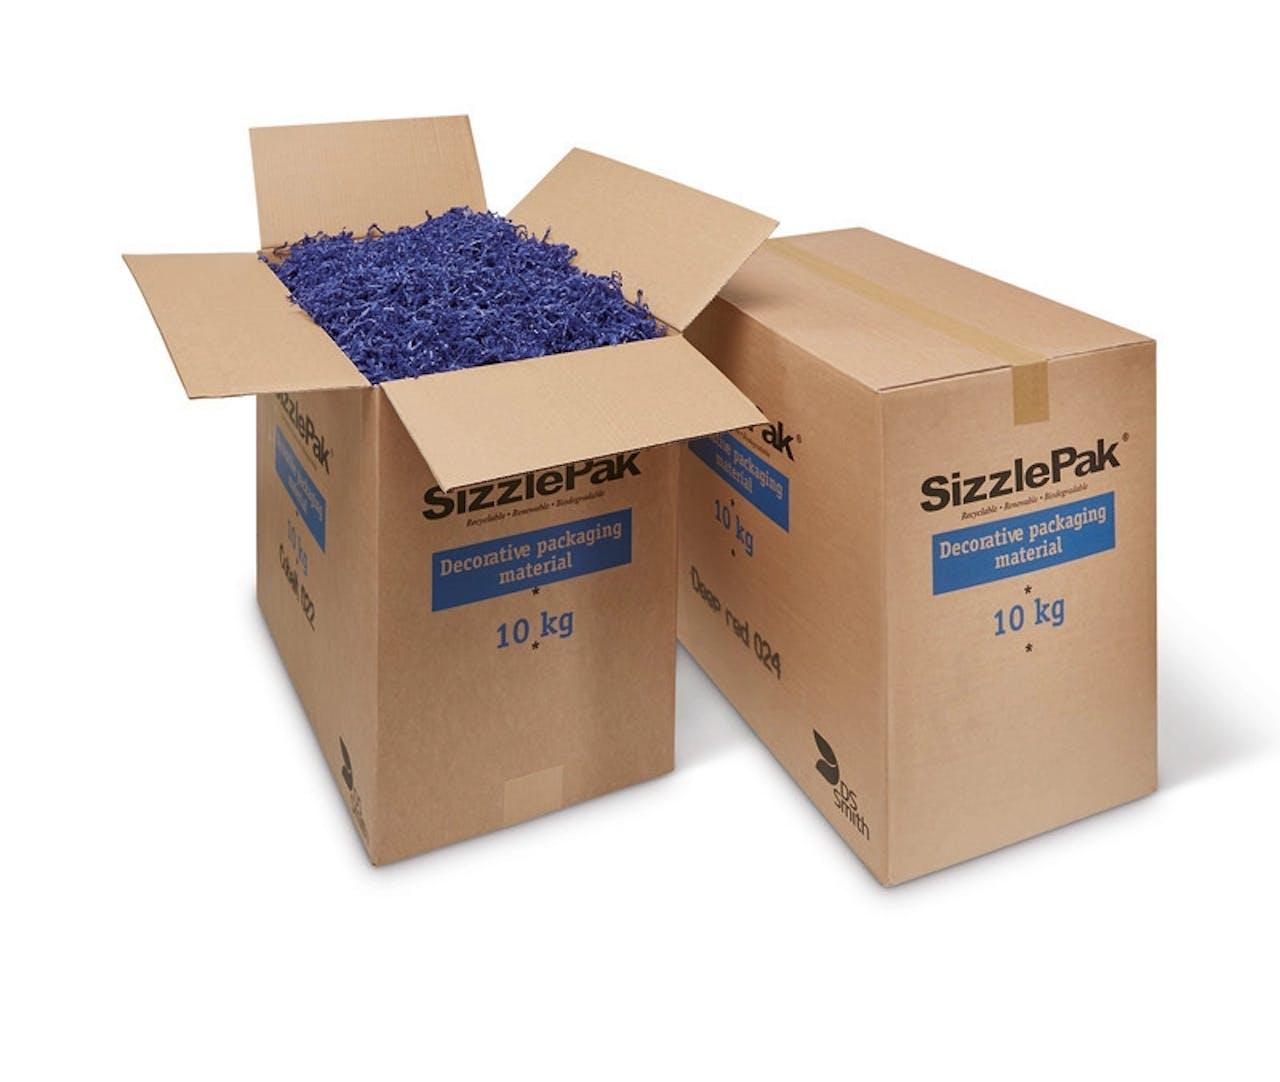 SizzlePak 10 kg